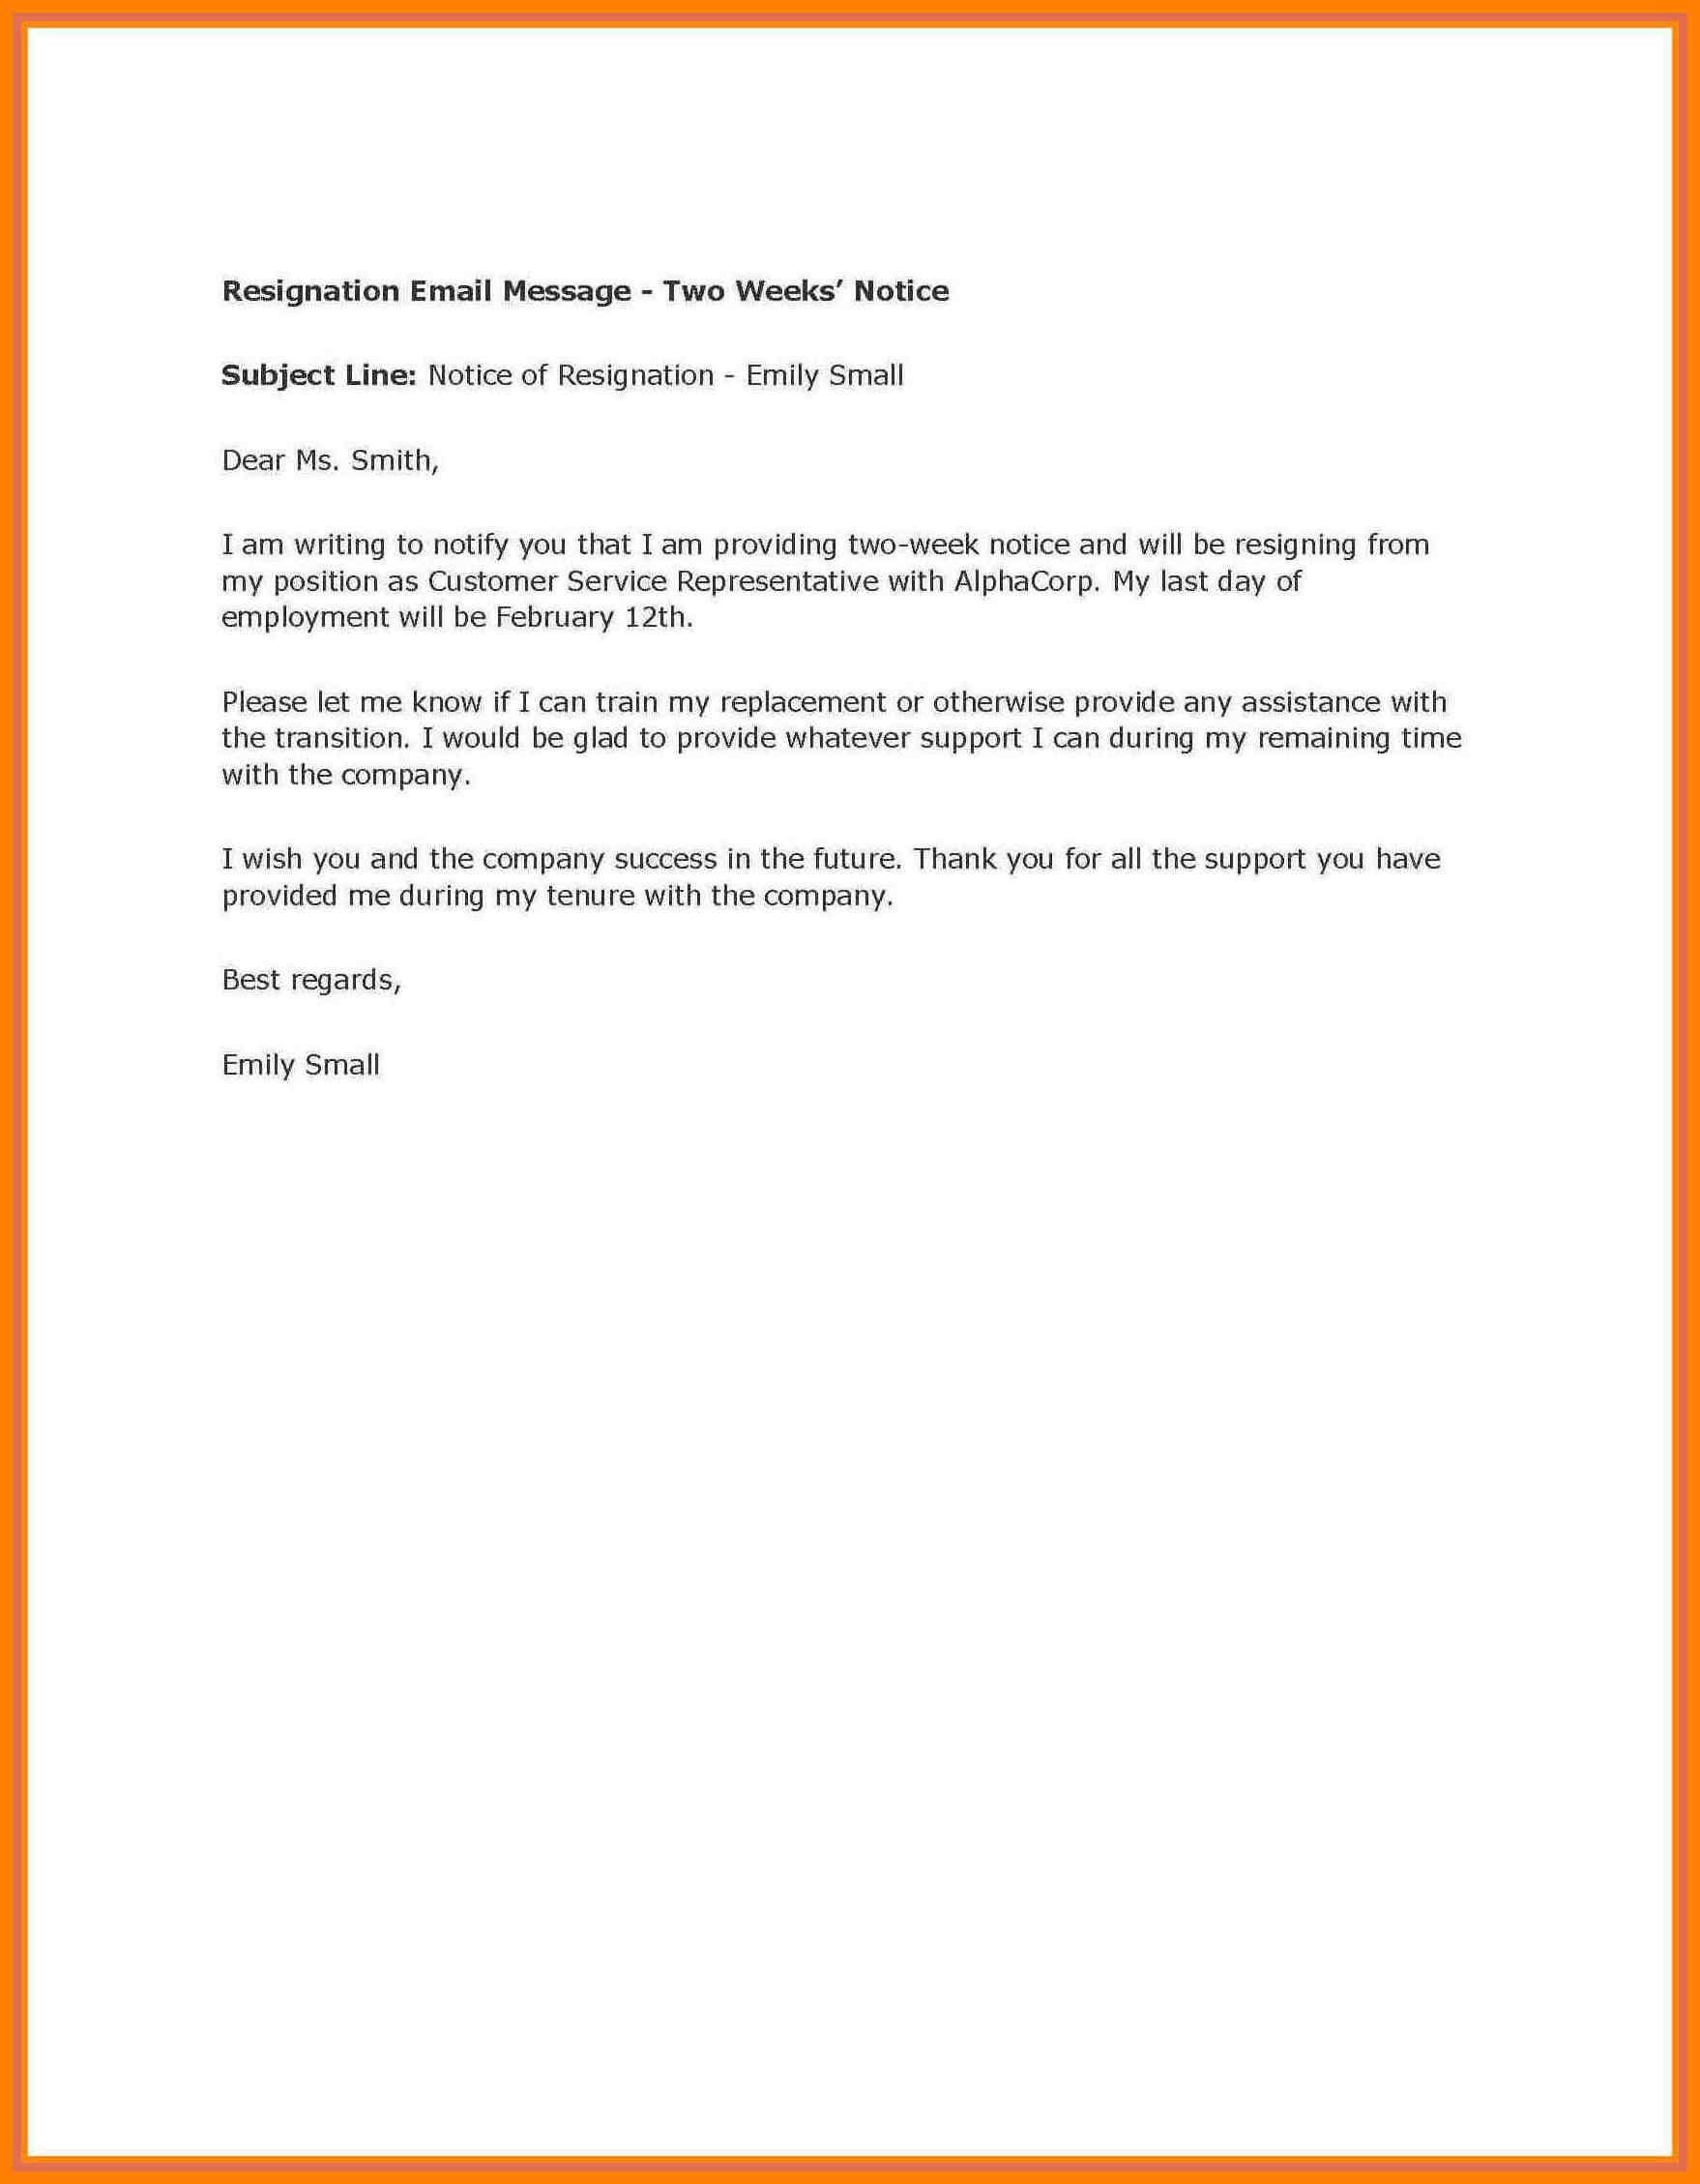 004 Week Notice Template Word Ideas Two Weeks Letter Example With Regard To 2 Weeks Notice Template Word